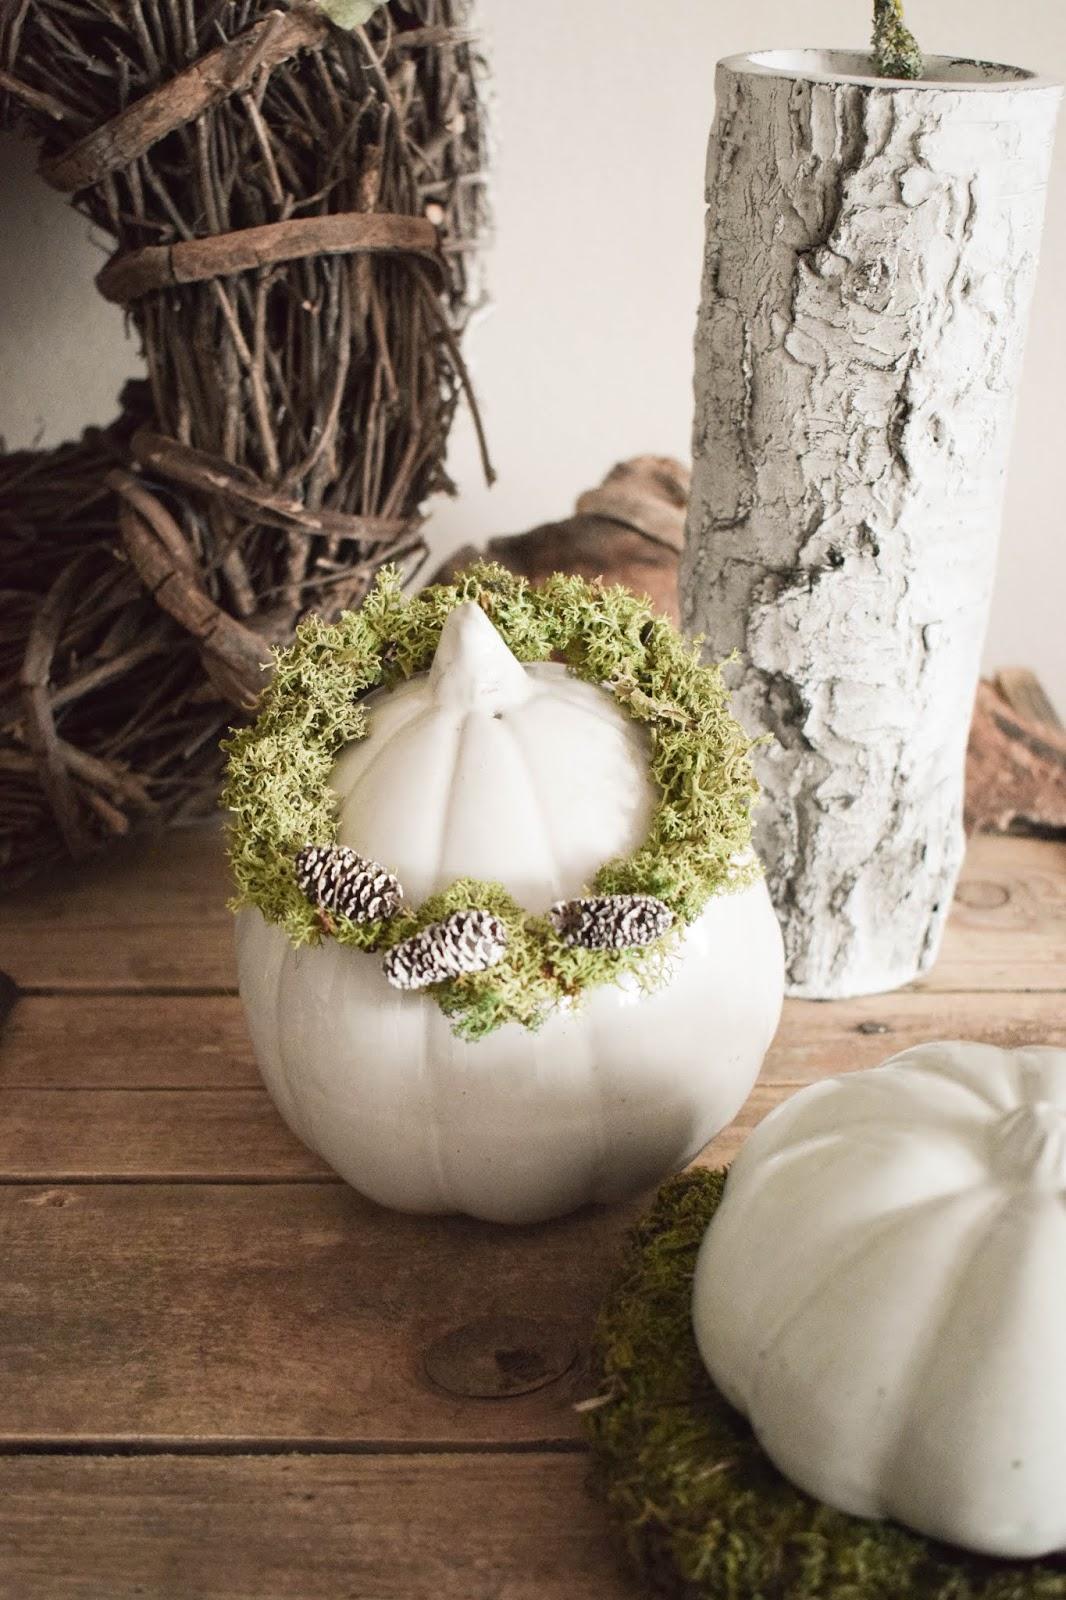 Anleitung Kranz binden aus Moos für den Herbst und Winter. DIY Dekoration basteln einfach selbermachen: Naturmaterialien basteln 6